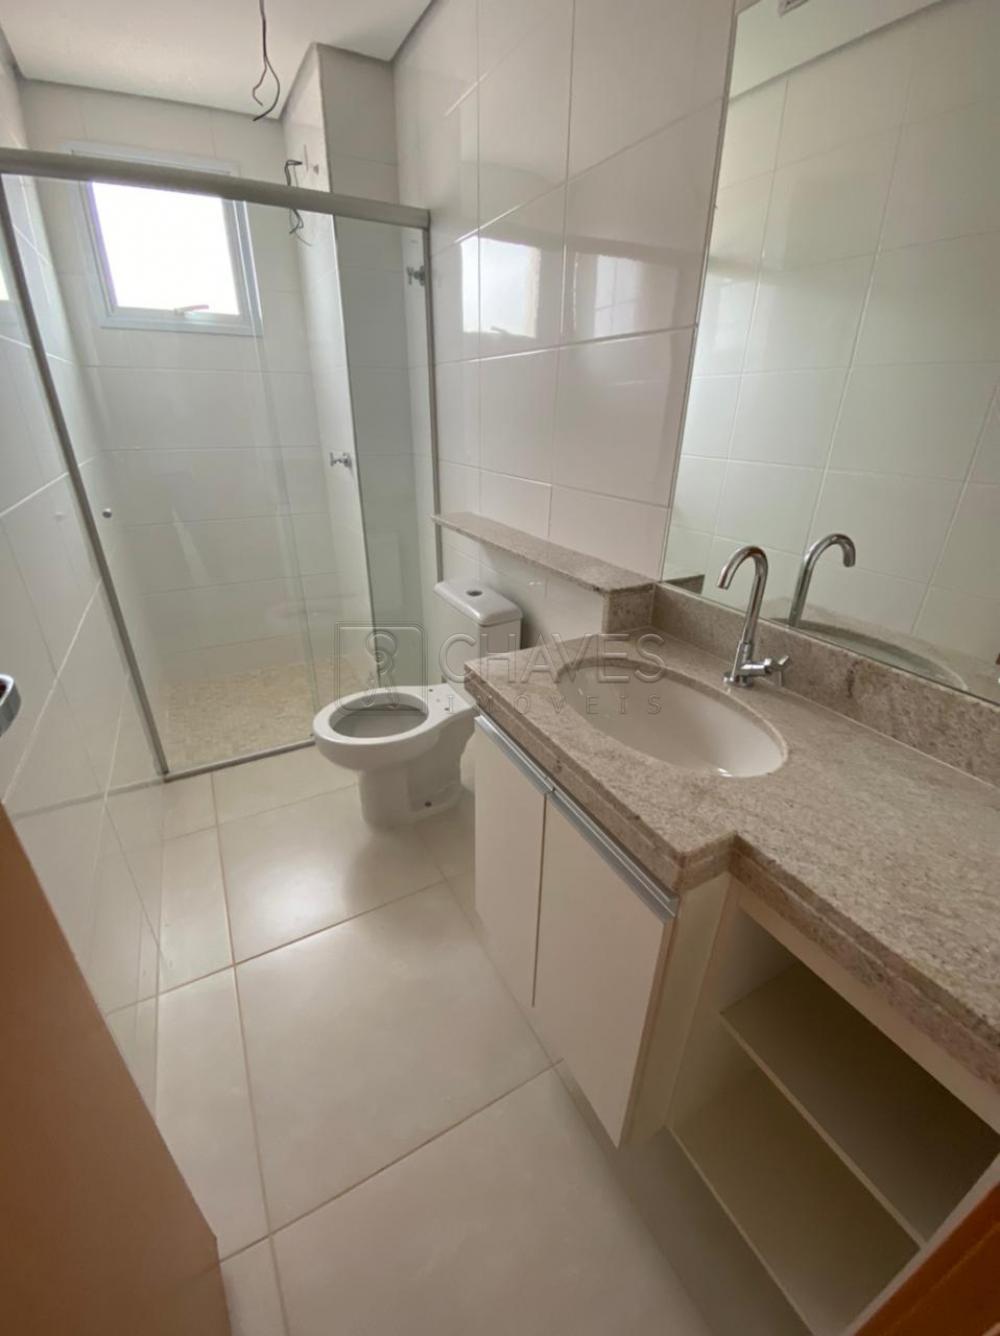 Comprar Apartamento / Padrão em Ribeirão Preto R$ 400.000,00 - Foto 21